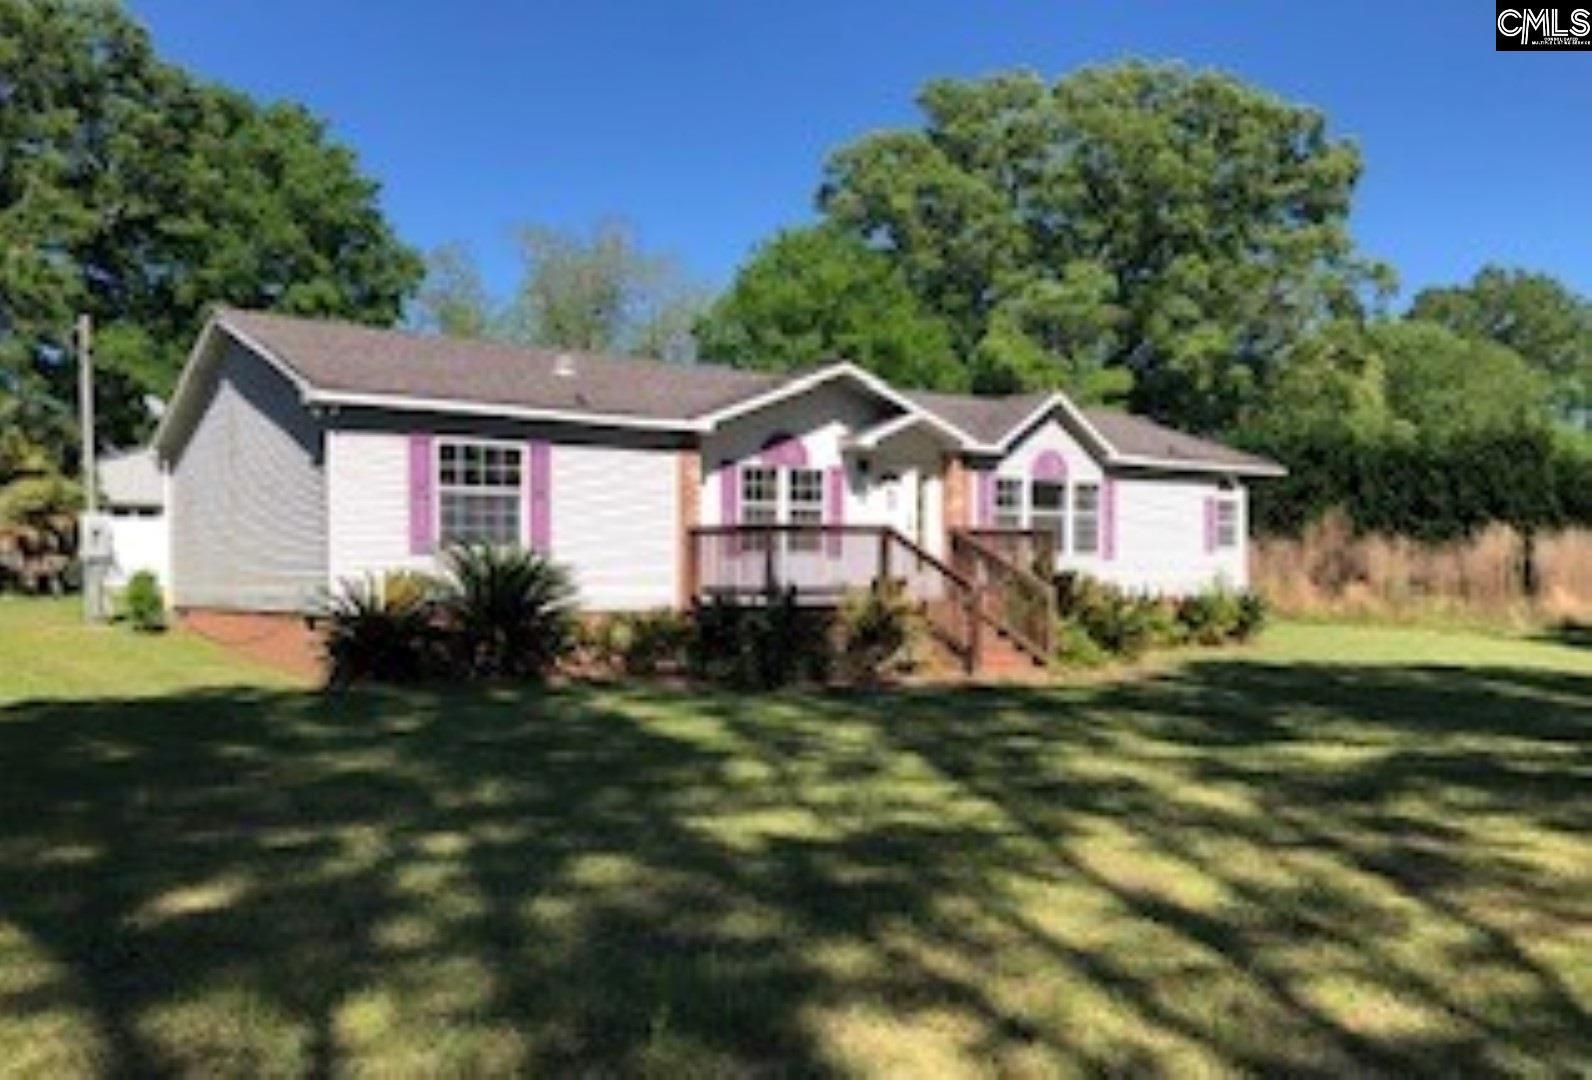 1033 Chappell Creek Hopkins, SC 29061